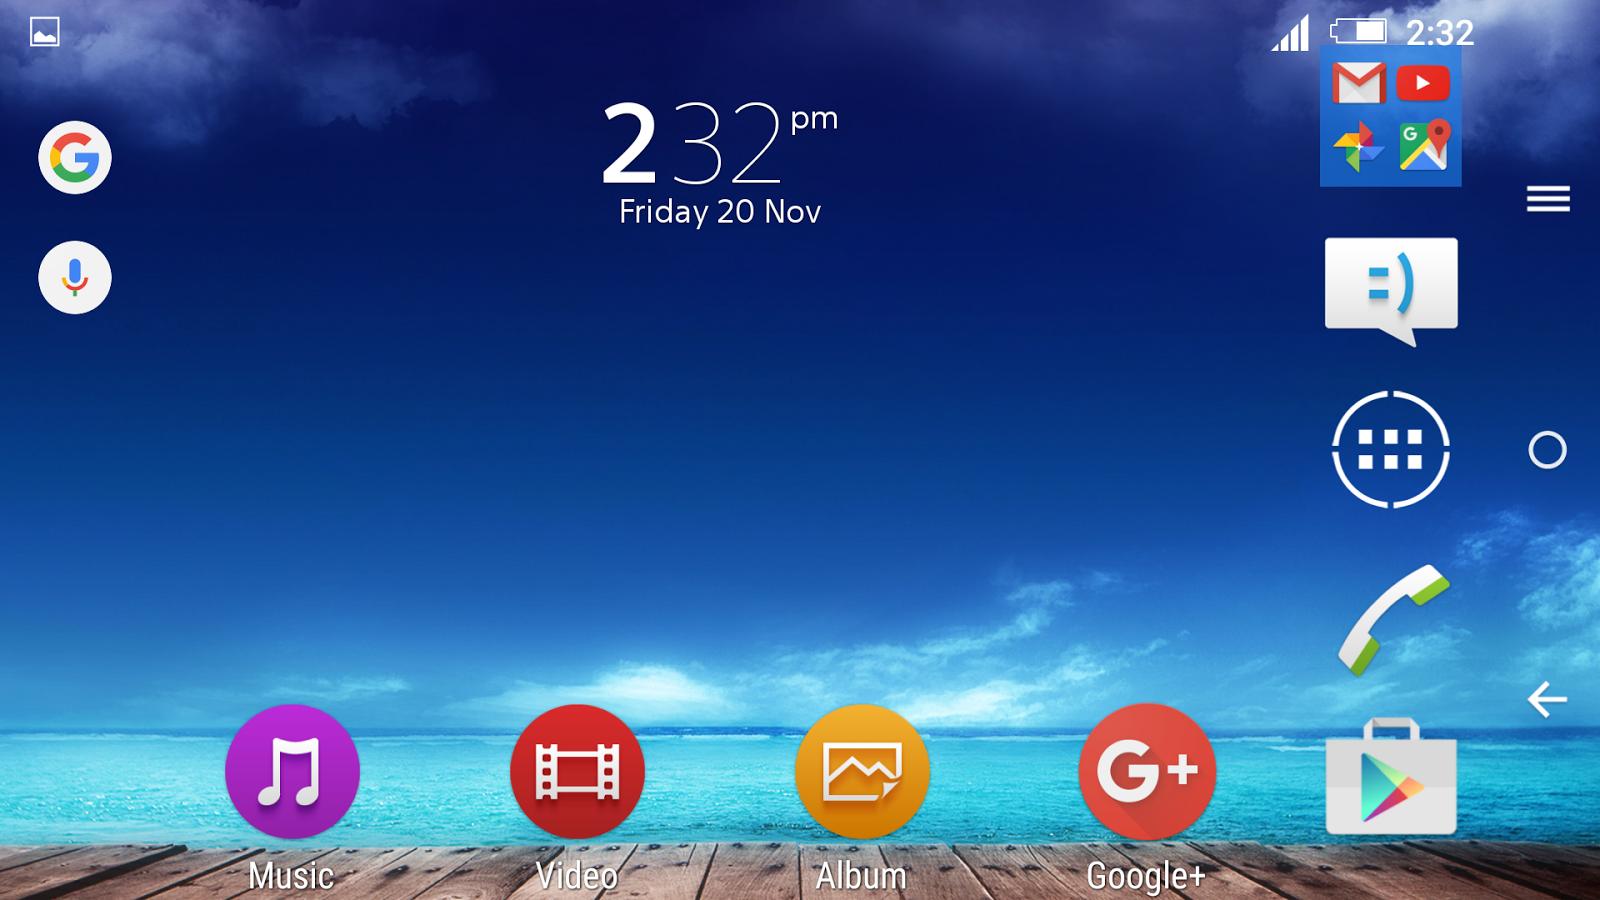 Google play xperia themes - Harbour Xperia Theme Screenshot